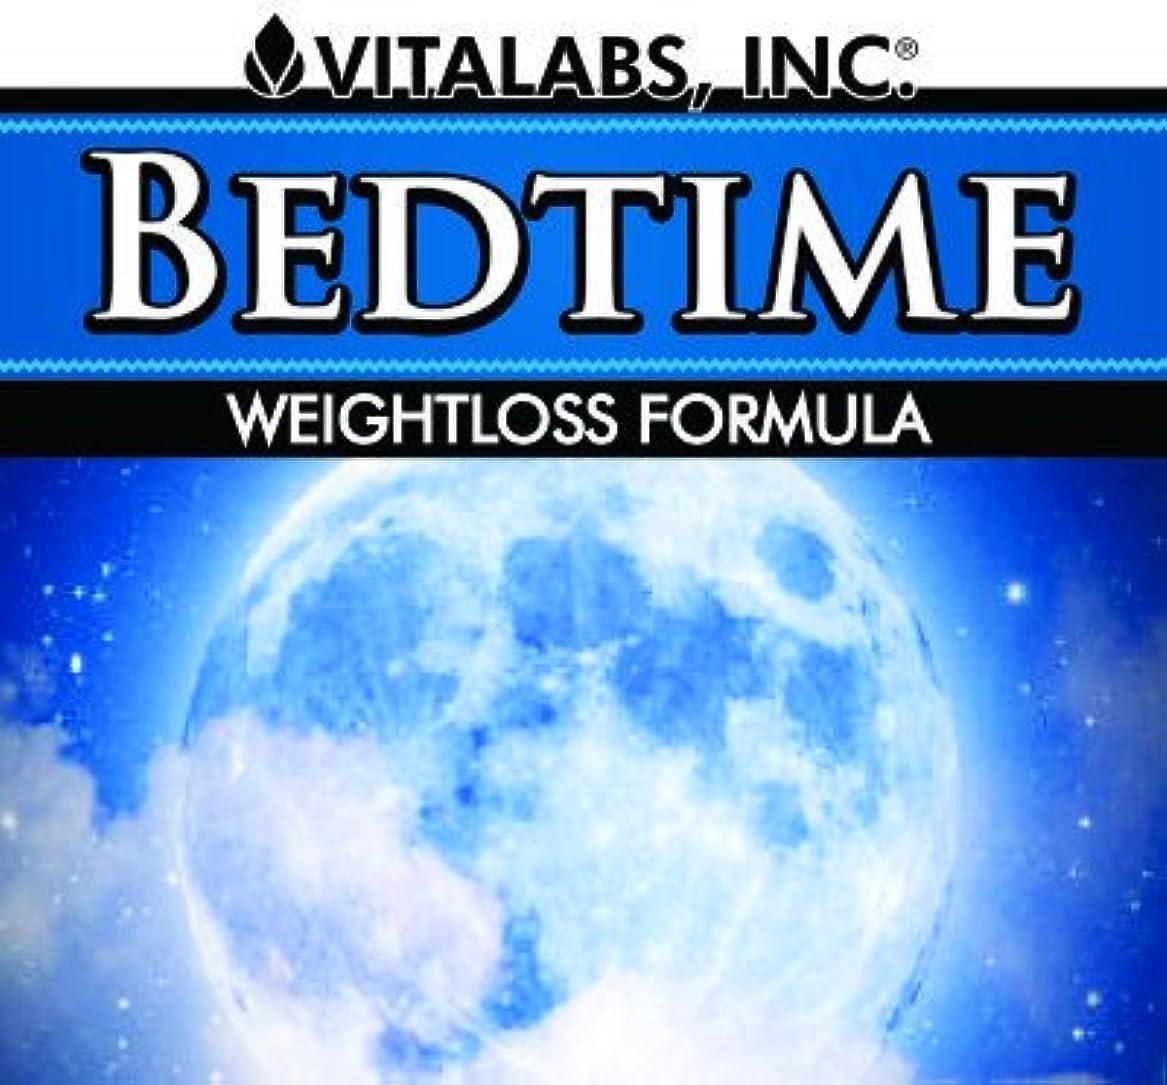 急勾配の絡まる取り組むSaturn Supplements/Vitalabs BedTime Weight Lost ベッドタイムウェイトロス 60カプセル